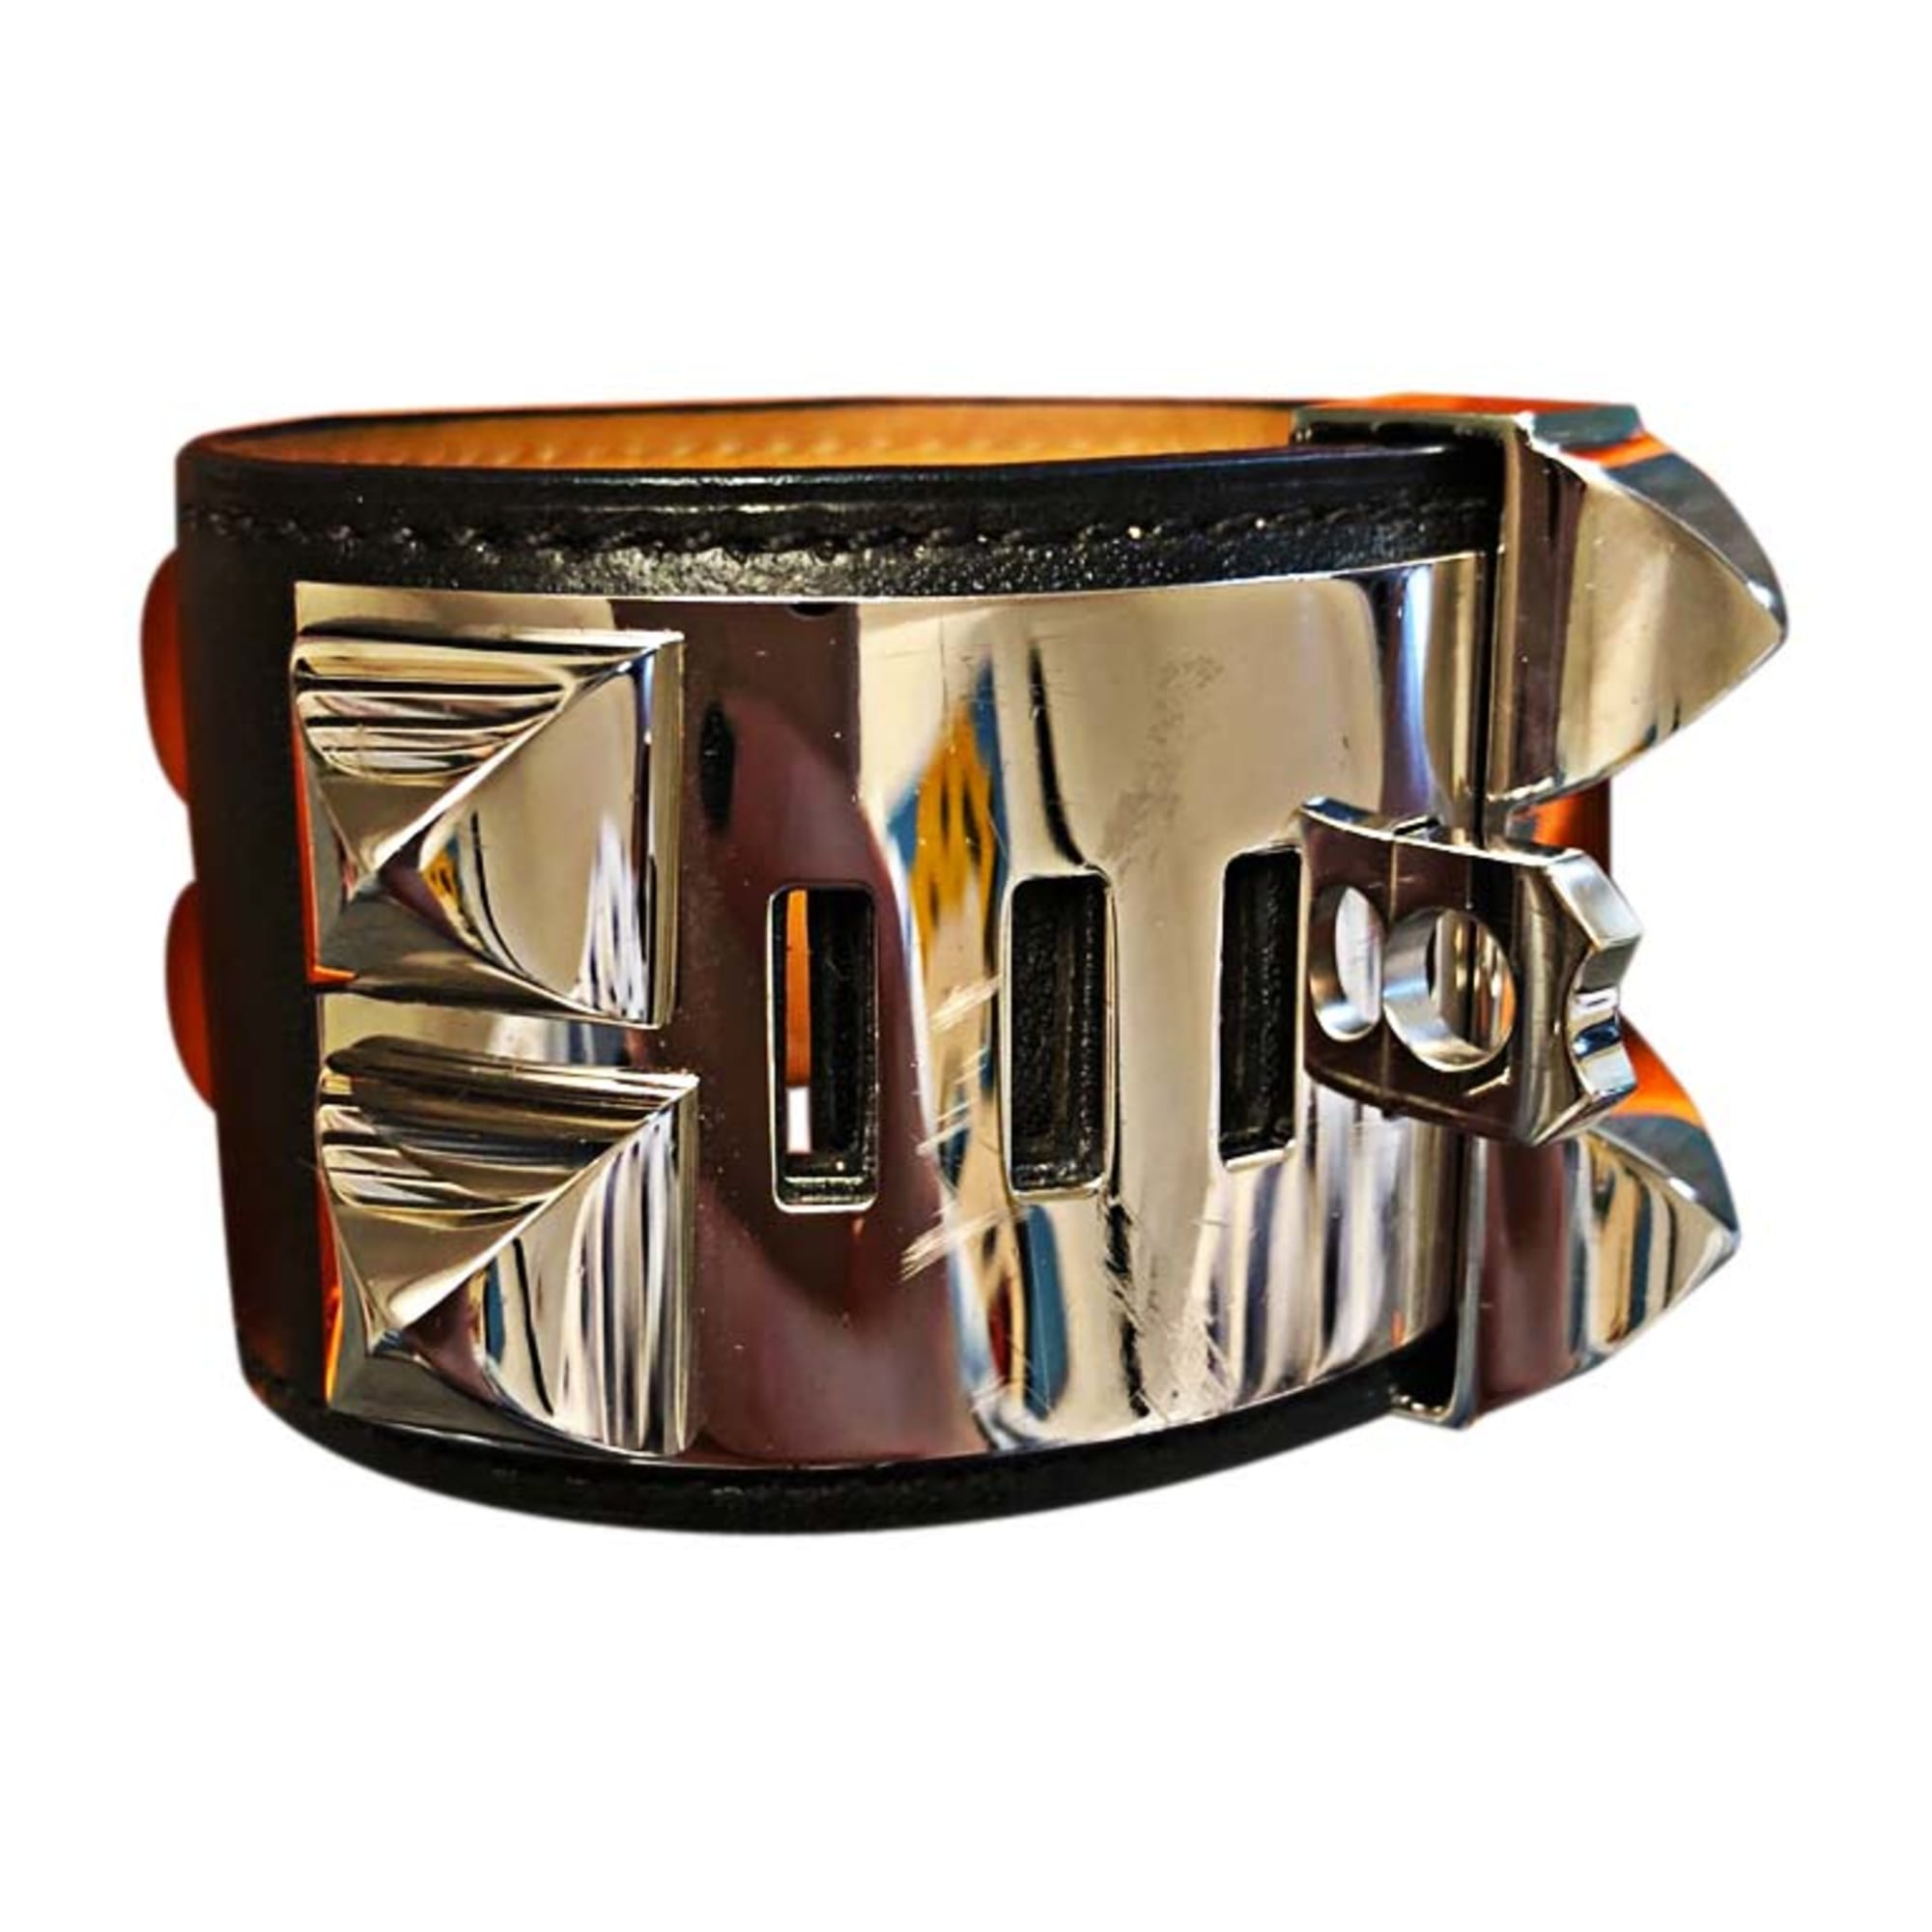 Bracelet HERMÈS Collier de Chien Black